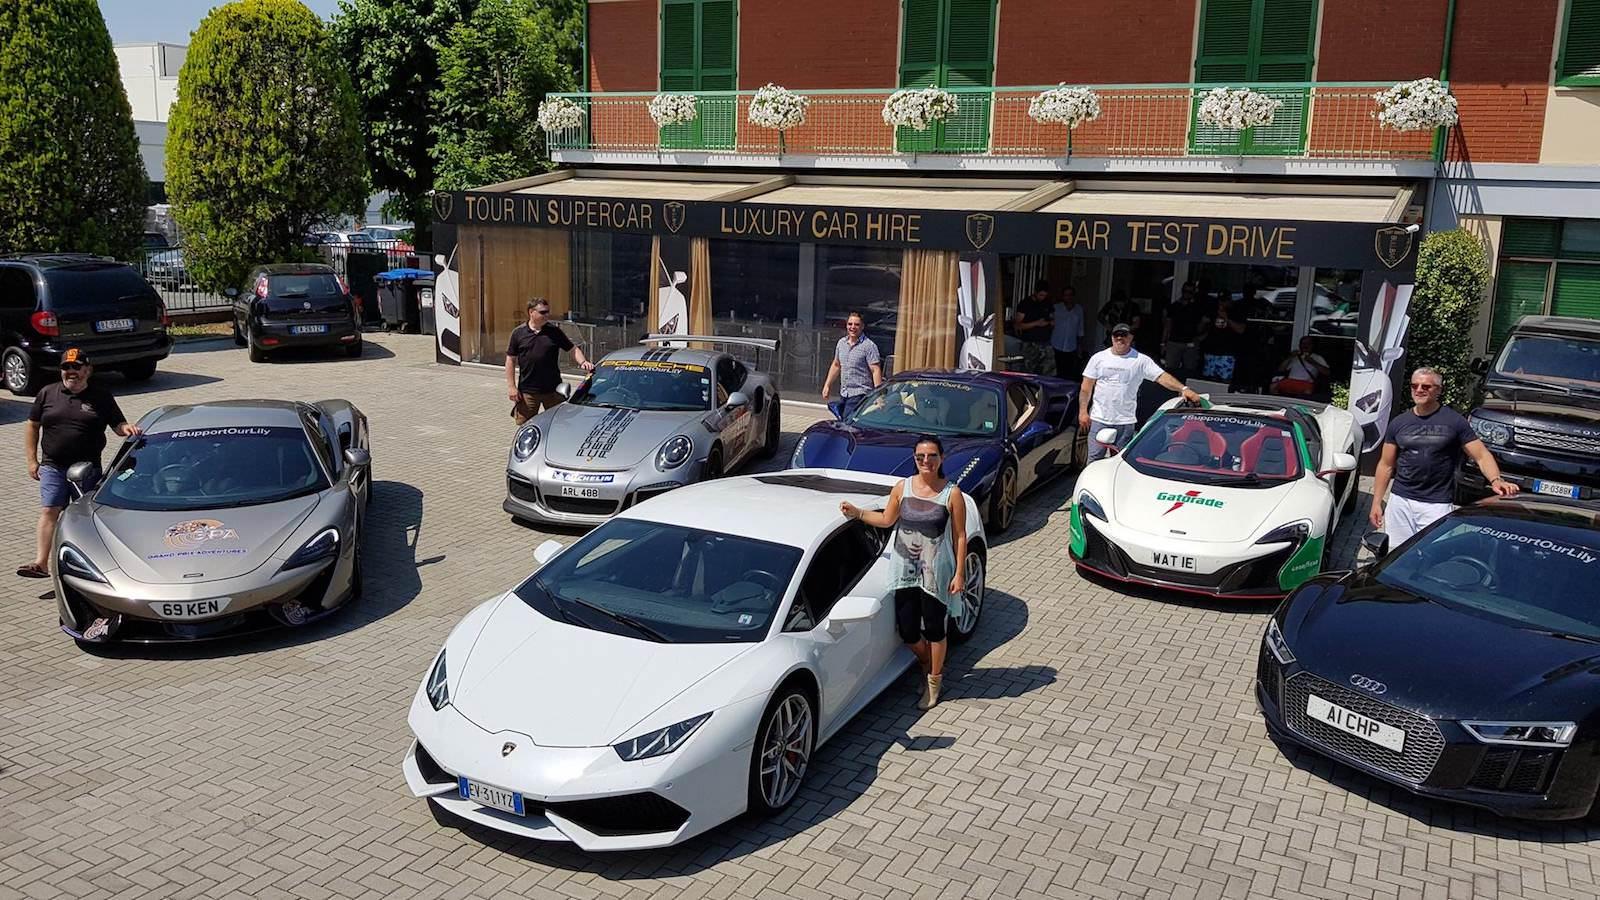 Lamborghini Bull Bar Event Bullbar